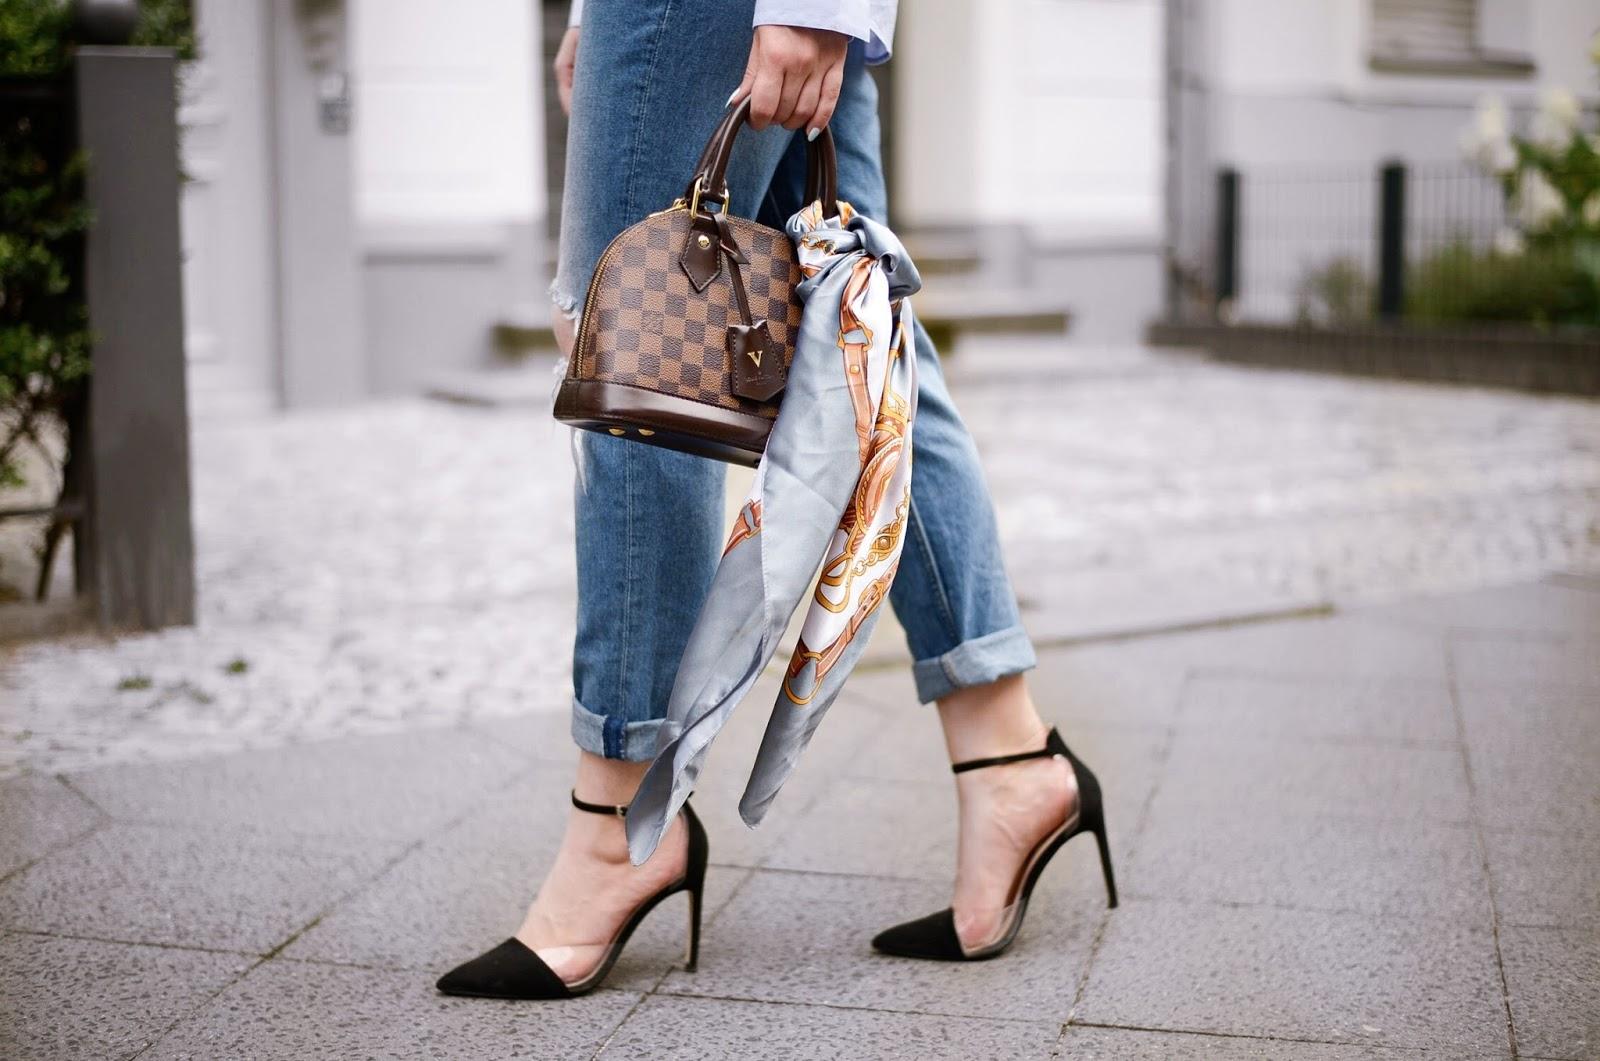 como ponerse un pañuelo en el bolso, outfit moderno y elegante, tacones altos negros, vaqueros, pañuelo de seda